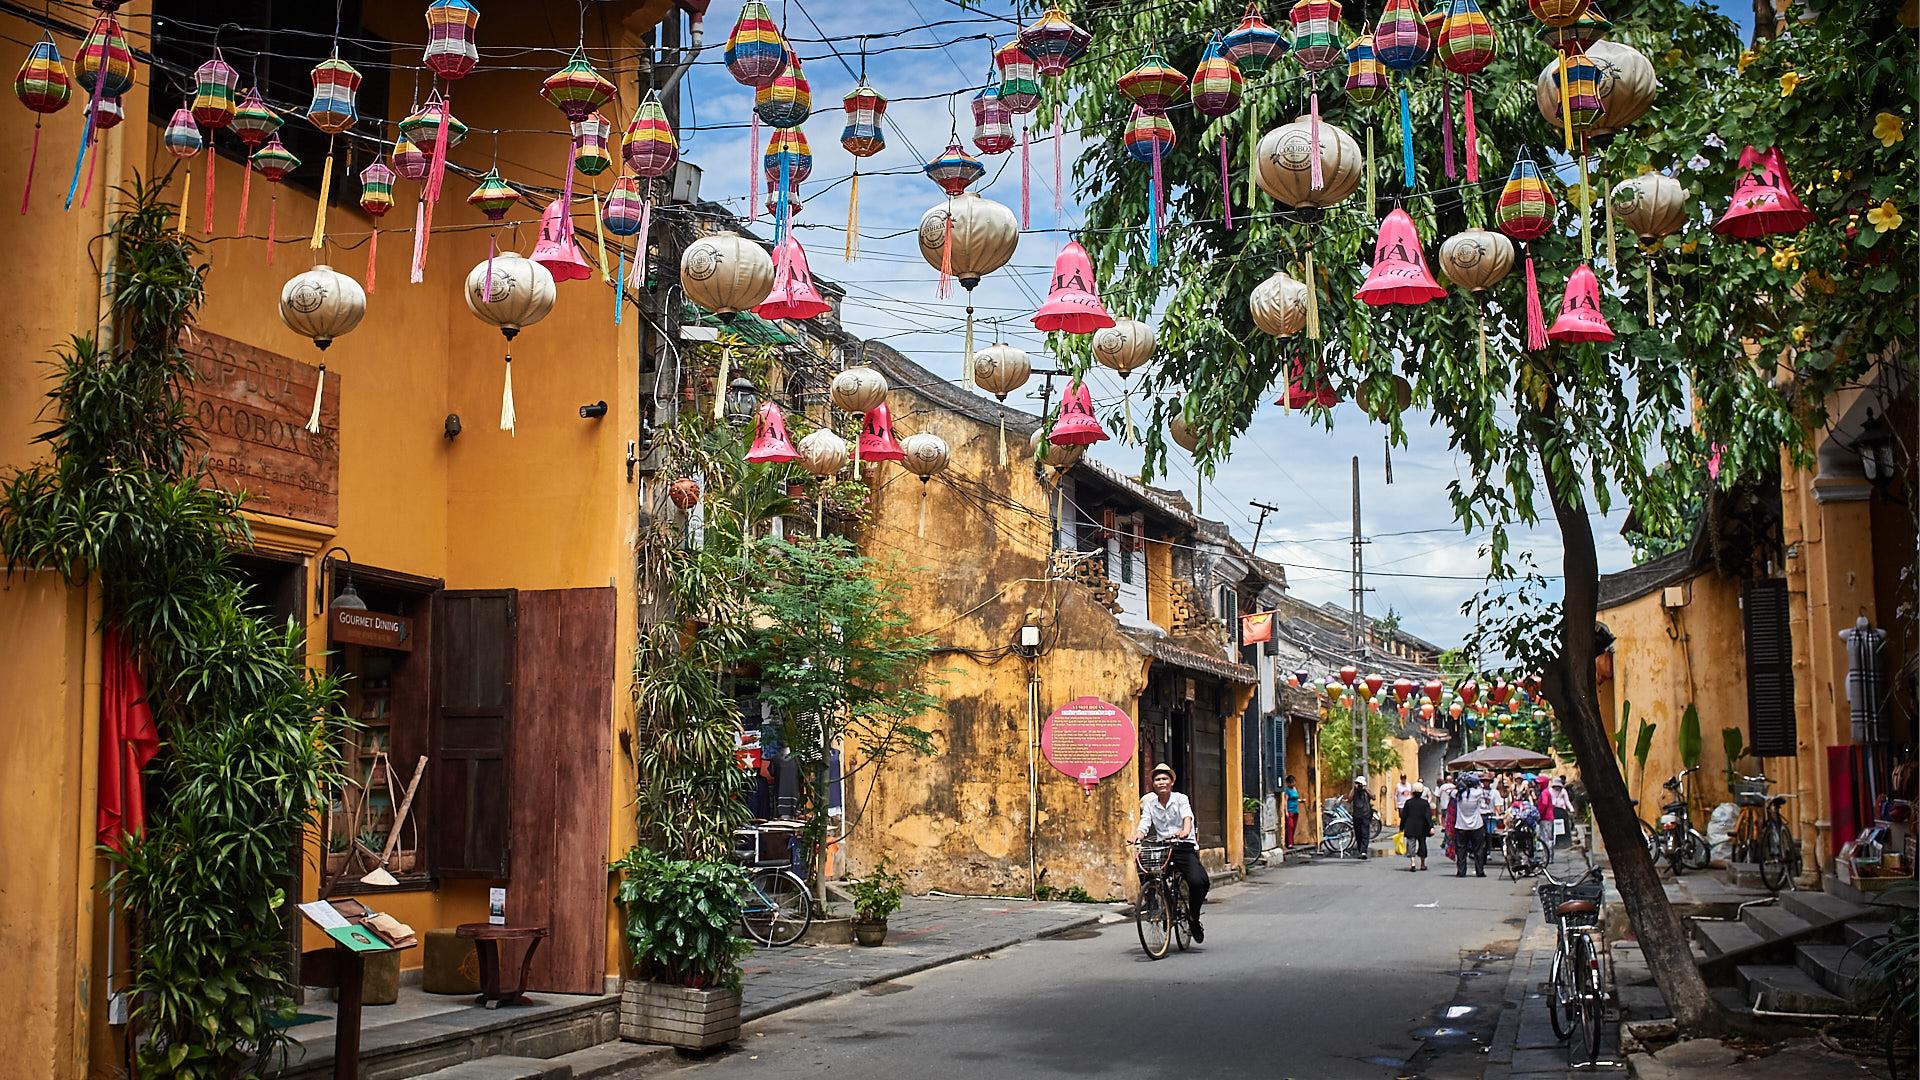 170612-Vietnam-Hoi_An-0046.jpg